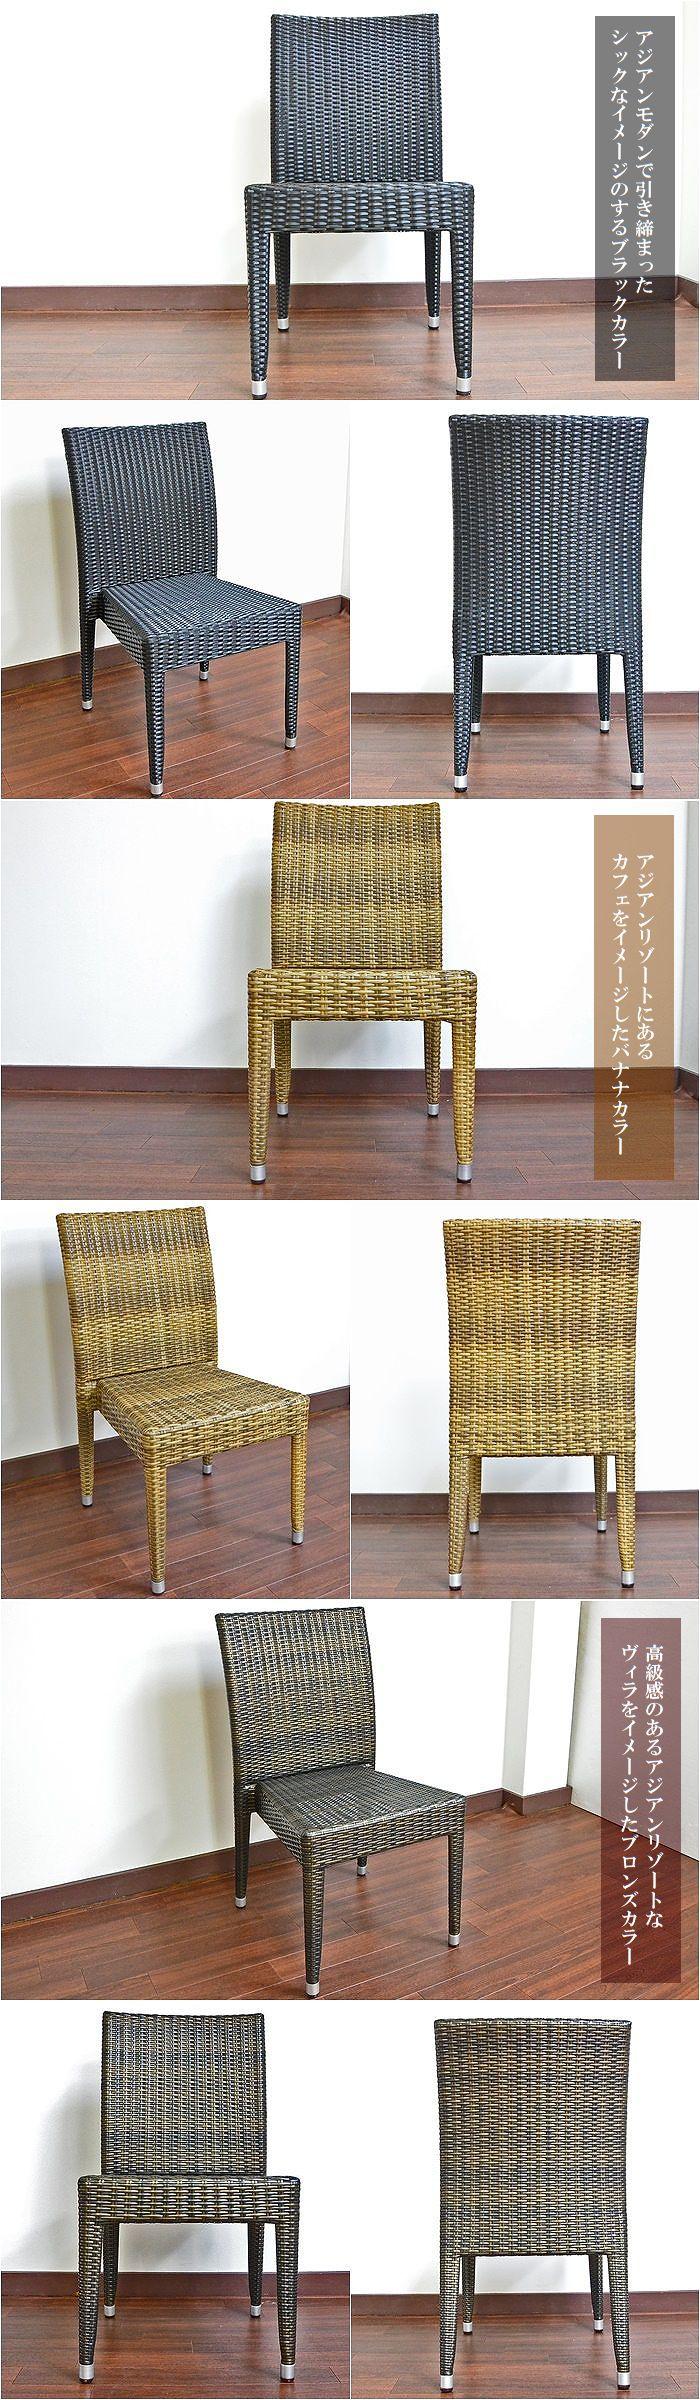 人工ラタン,アジアン家具,シンセティックラタン,椅子,チェア,カフェチェアー